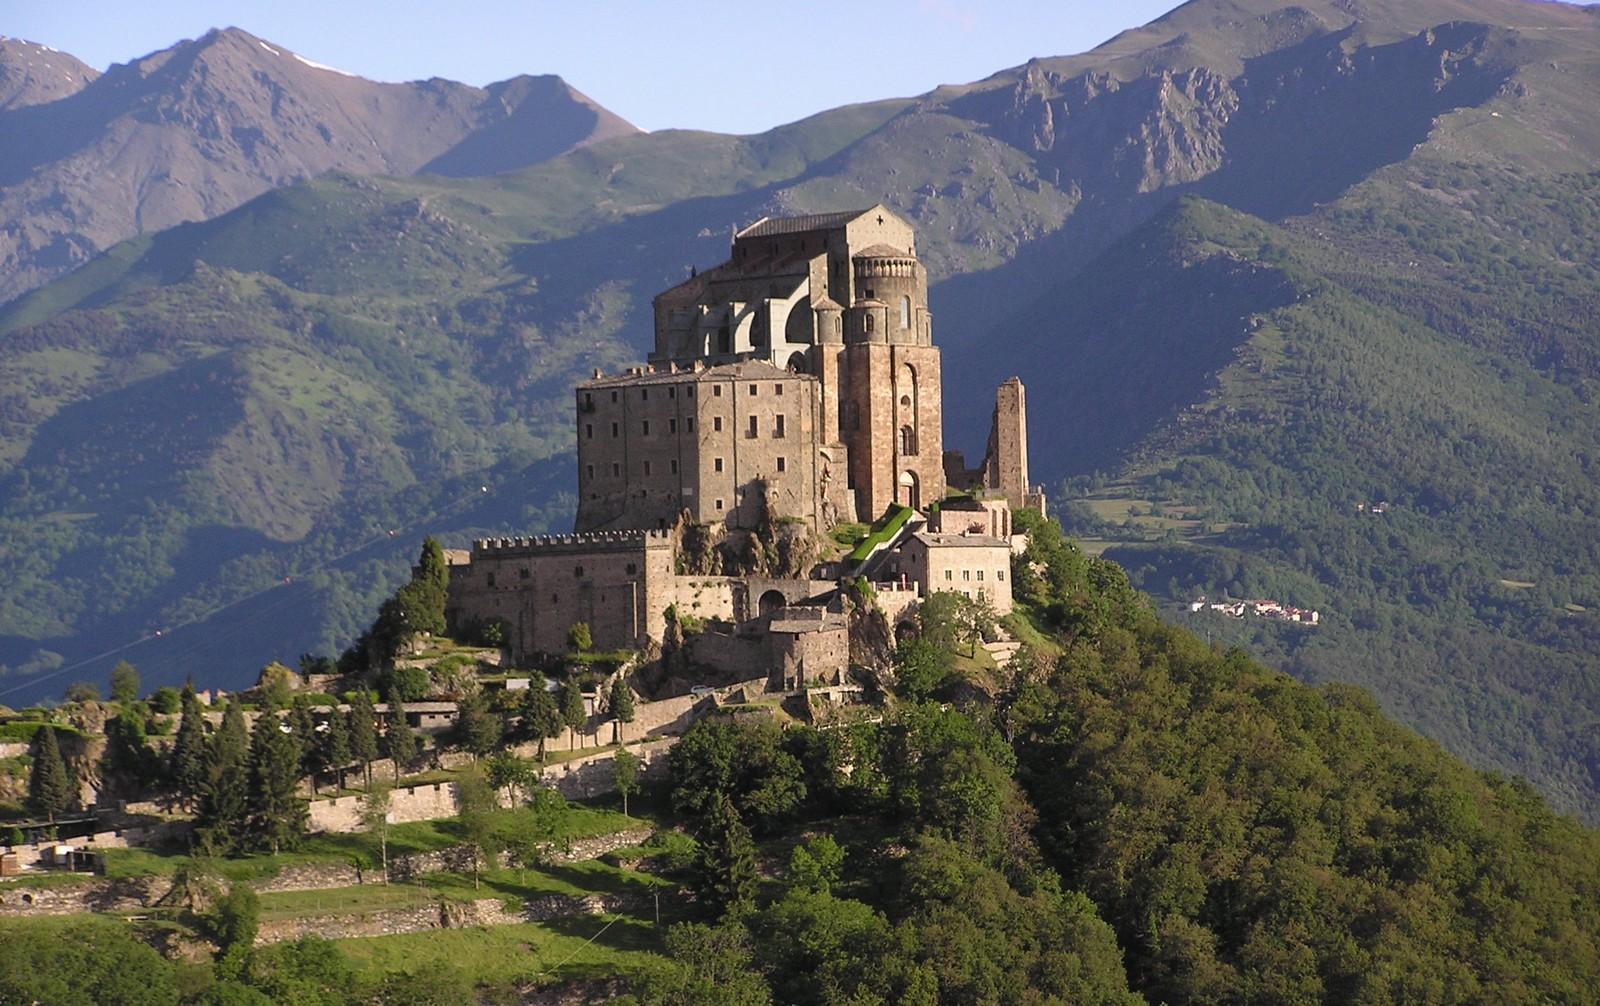 Las Más Famosas Apariciones de San Miguel Arcángel, en Gargano, Italia (29 sep, 8 may)